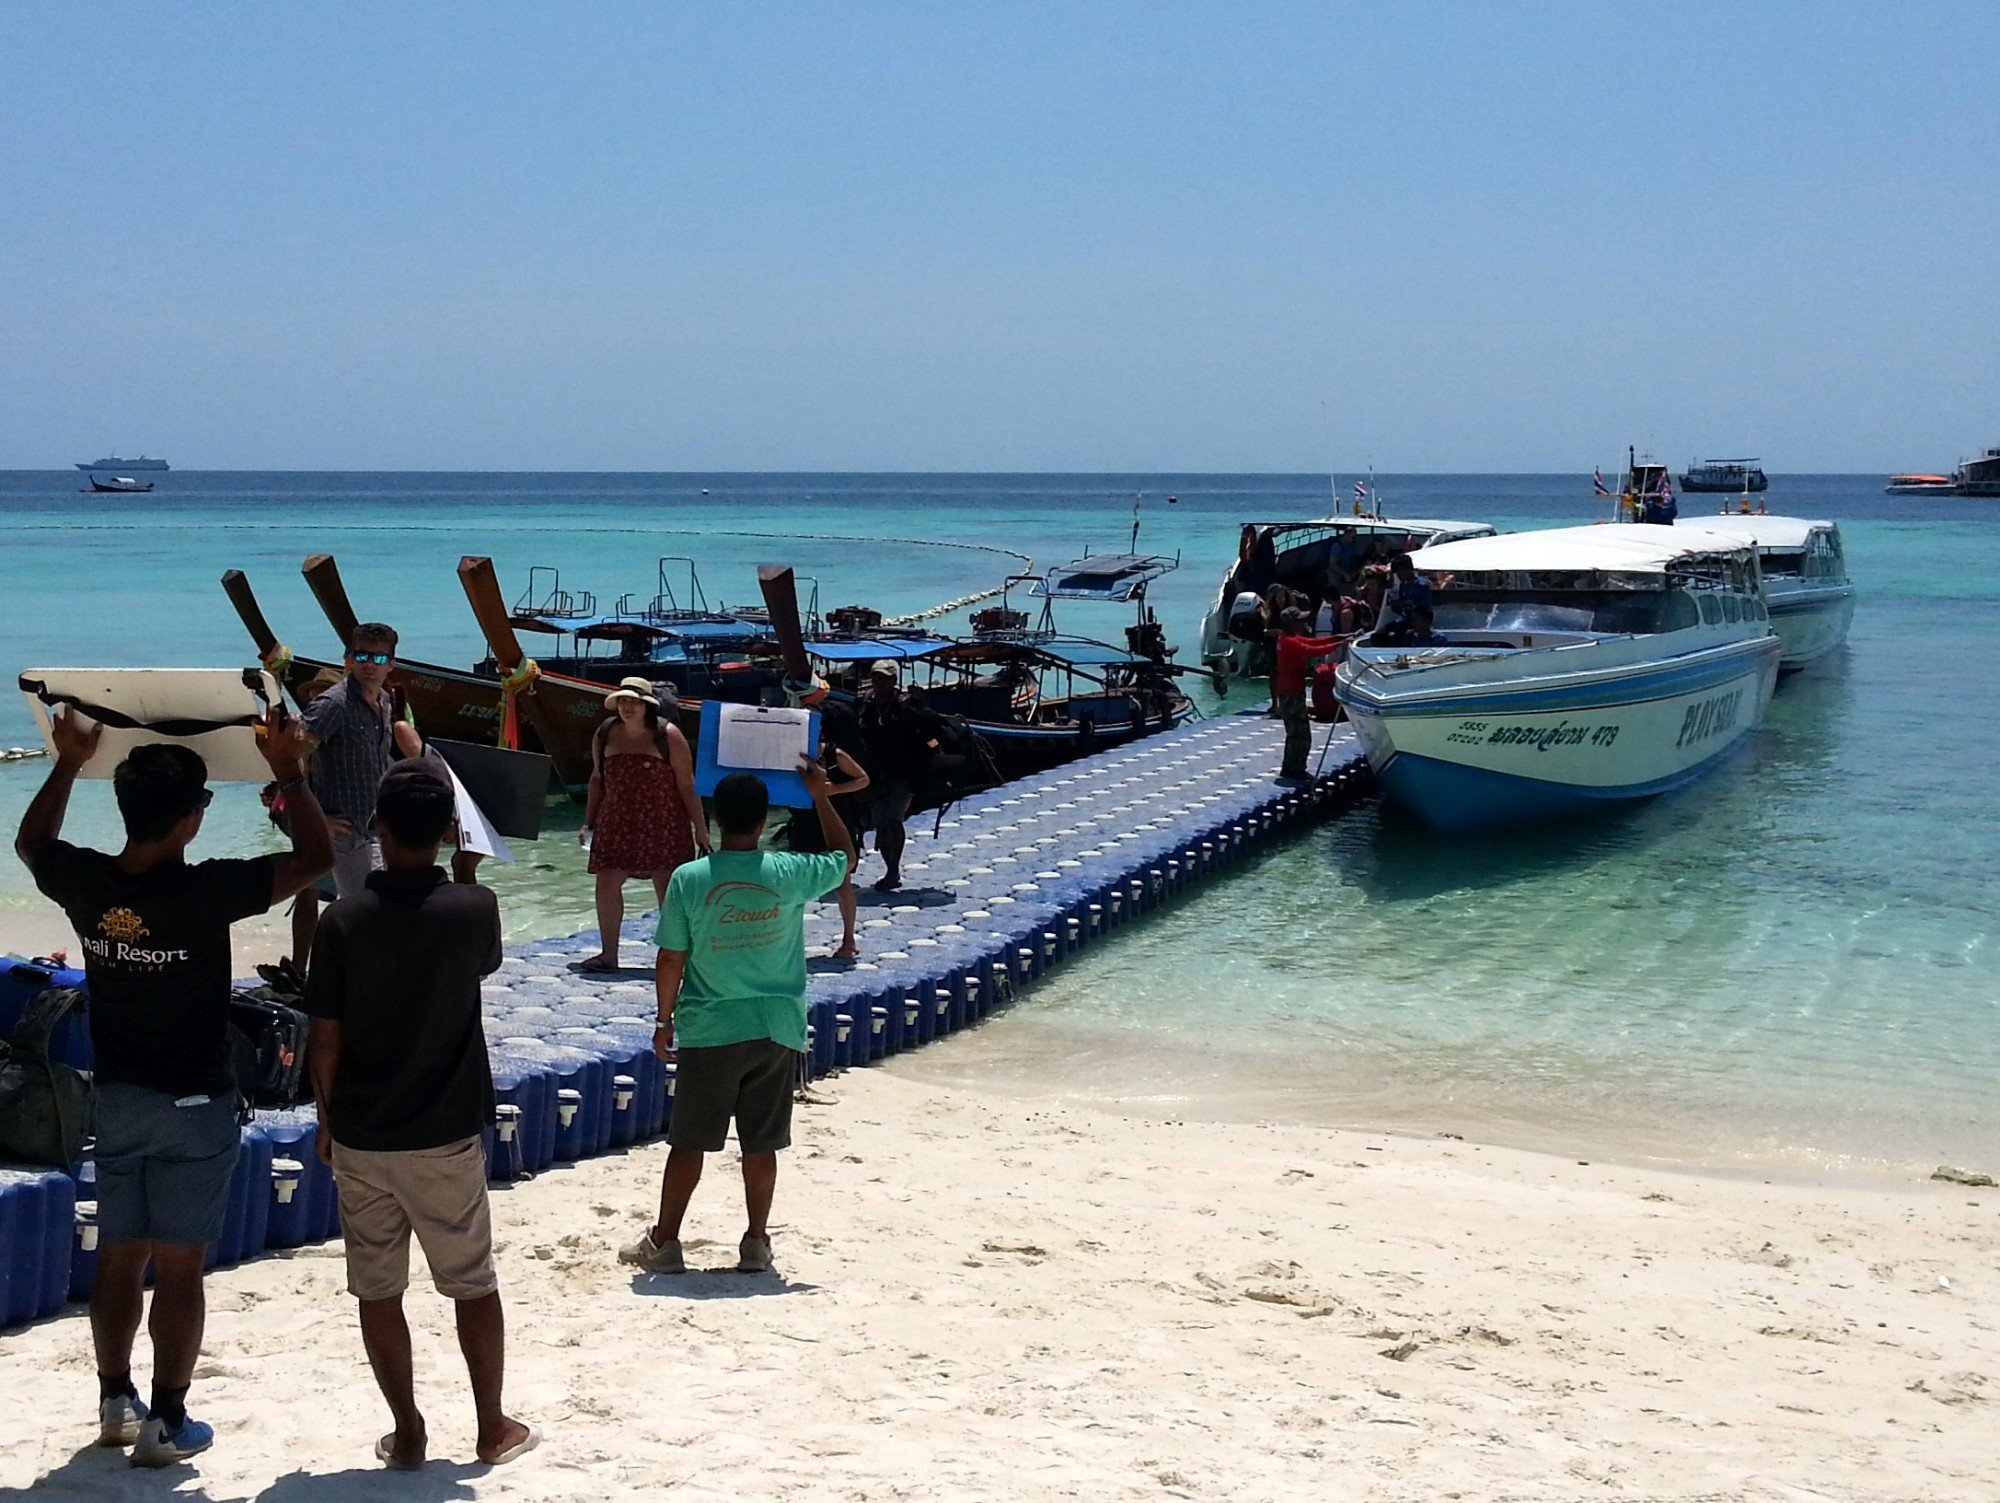 Bundhaya Speed Boat arriving at Koh Lipe